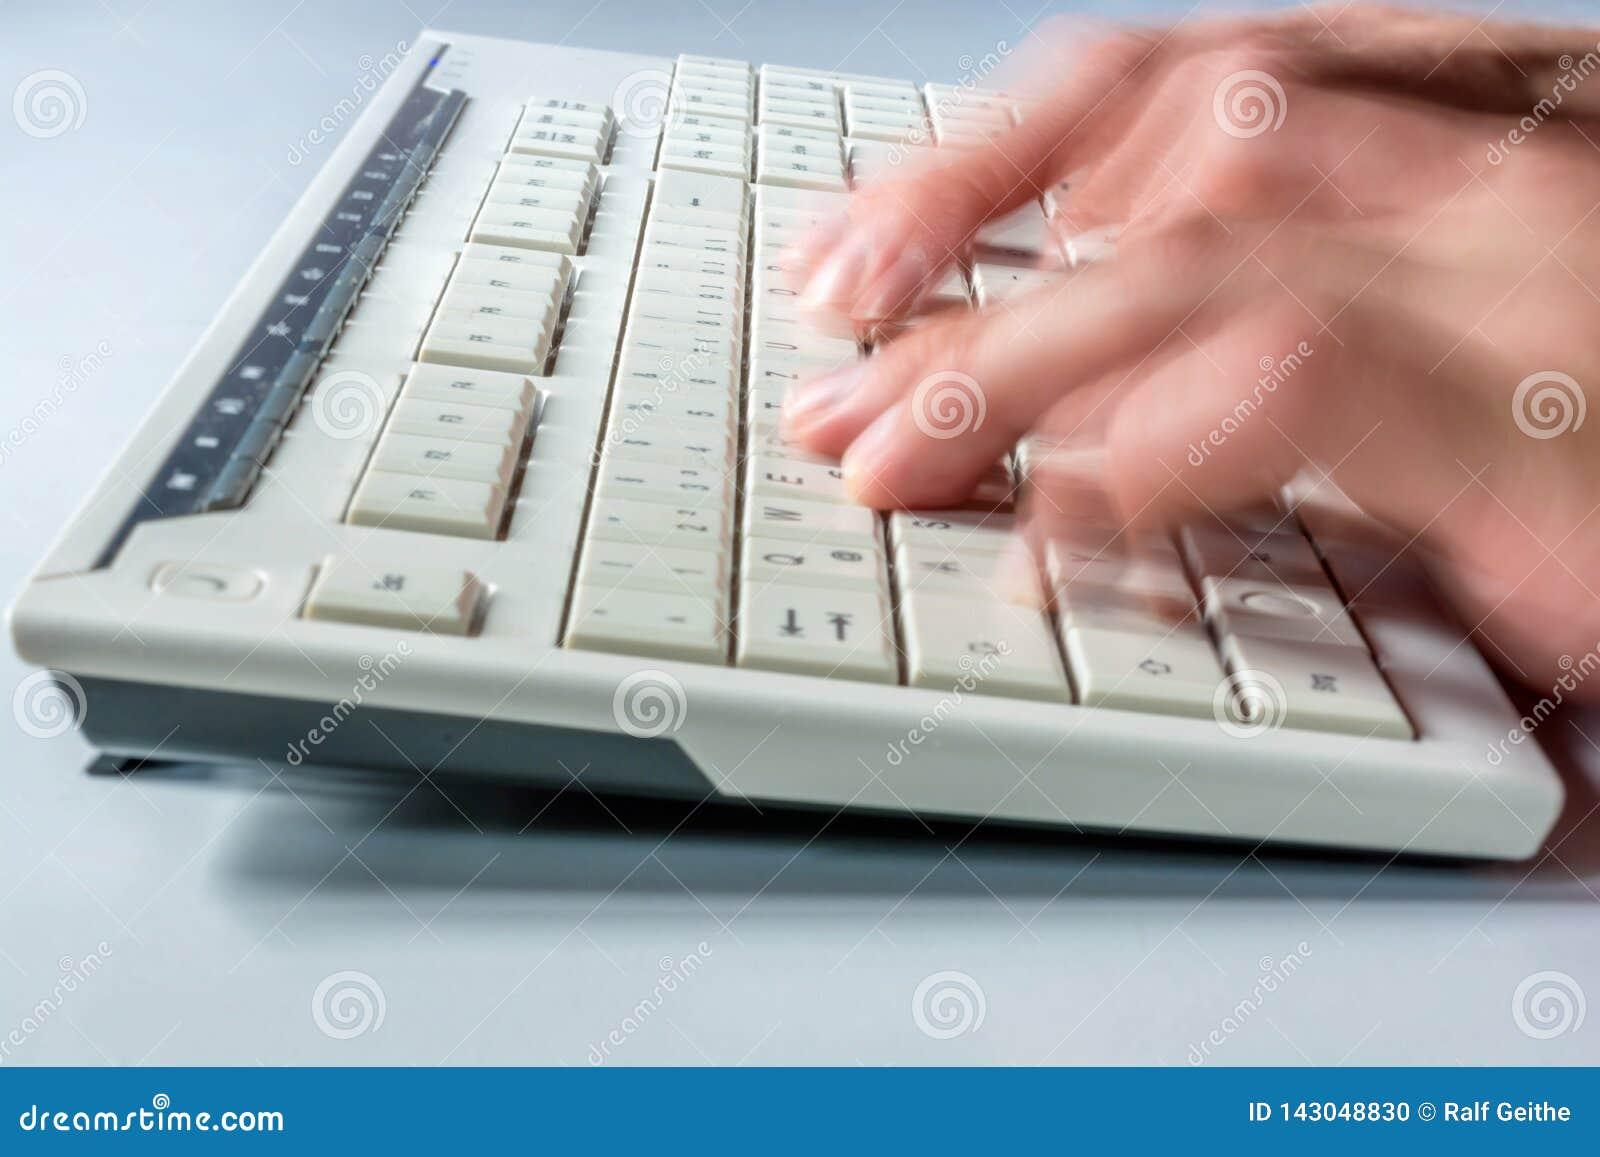 El mecanografiar rápido en el teclado de un ordenador